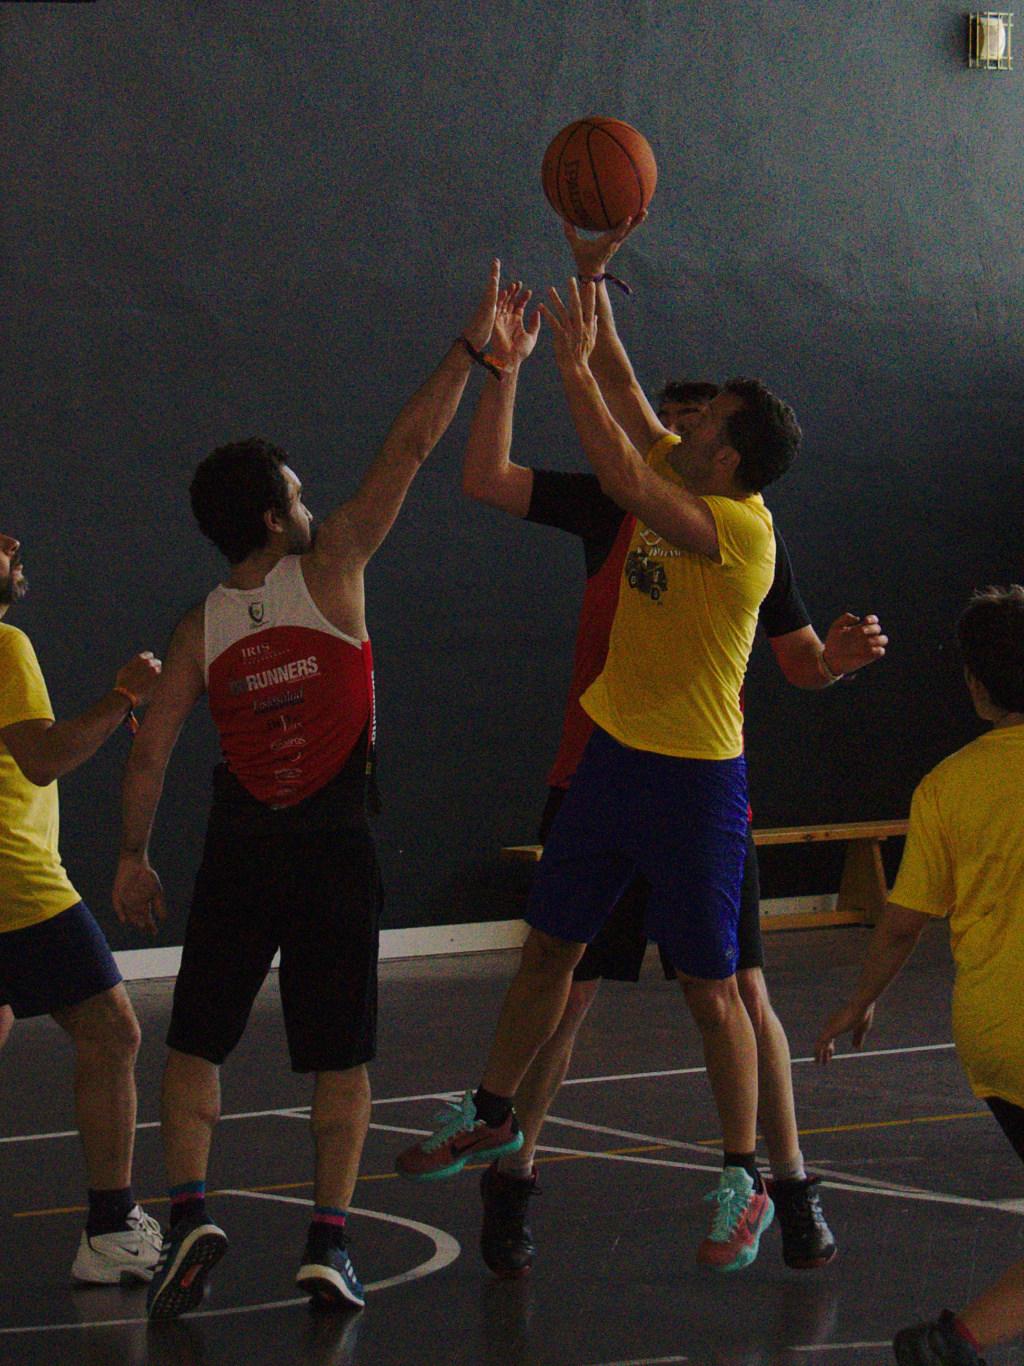 Pachanga De Basket ARF ¡ OTRO AÑO MAS ROCKET CAMPEÓN! - Página 11 Dsc02512